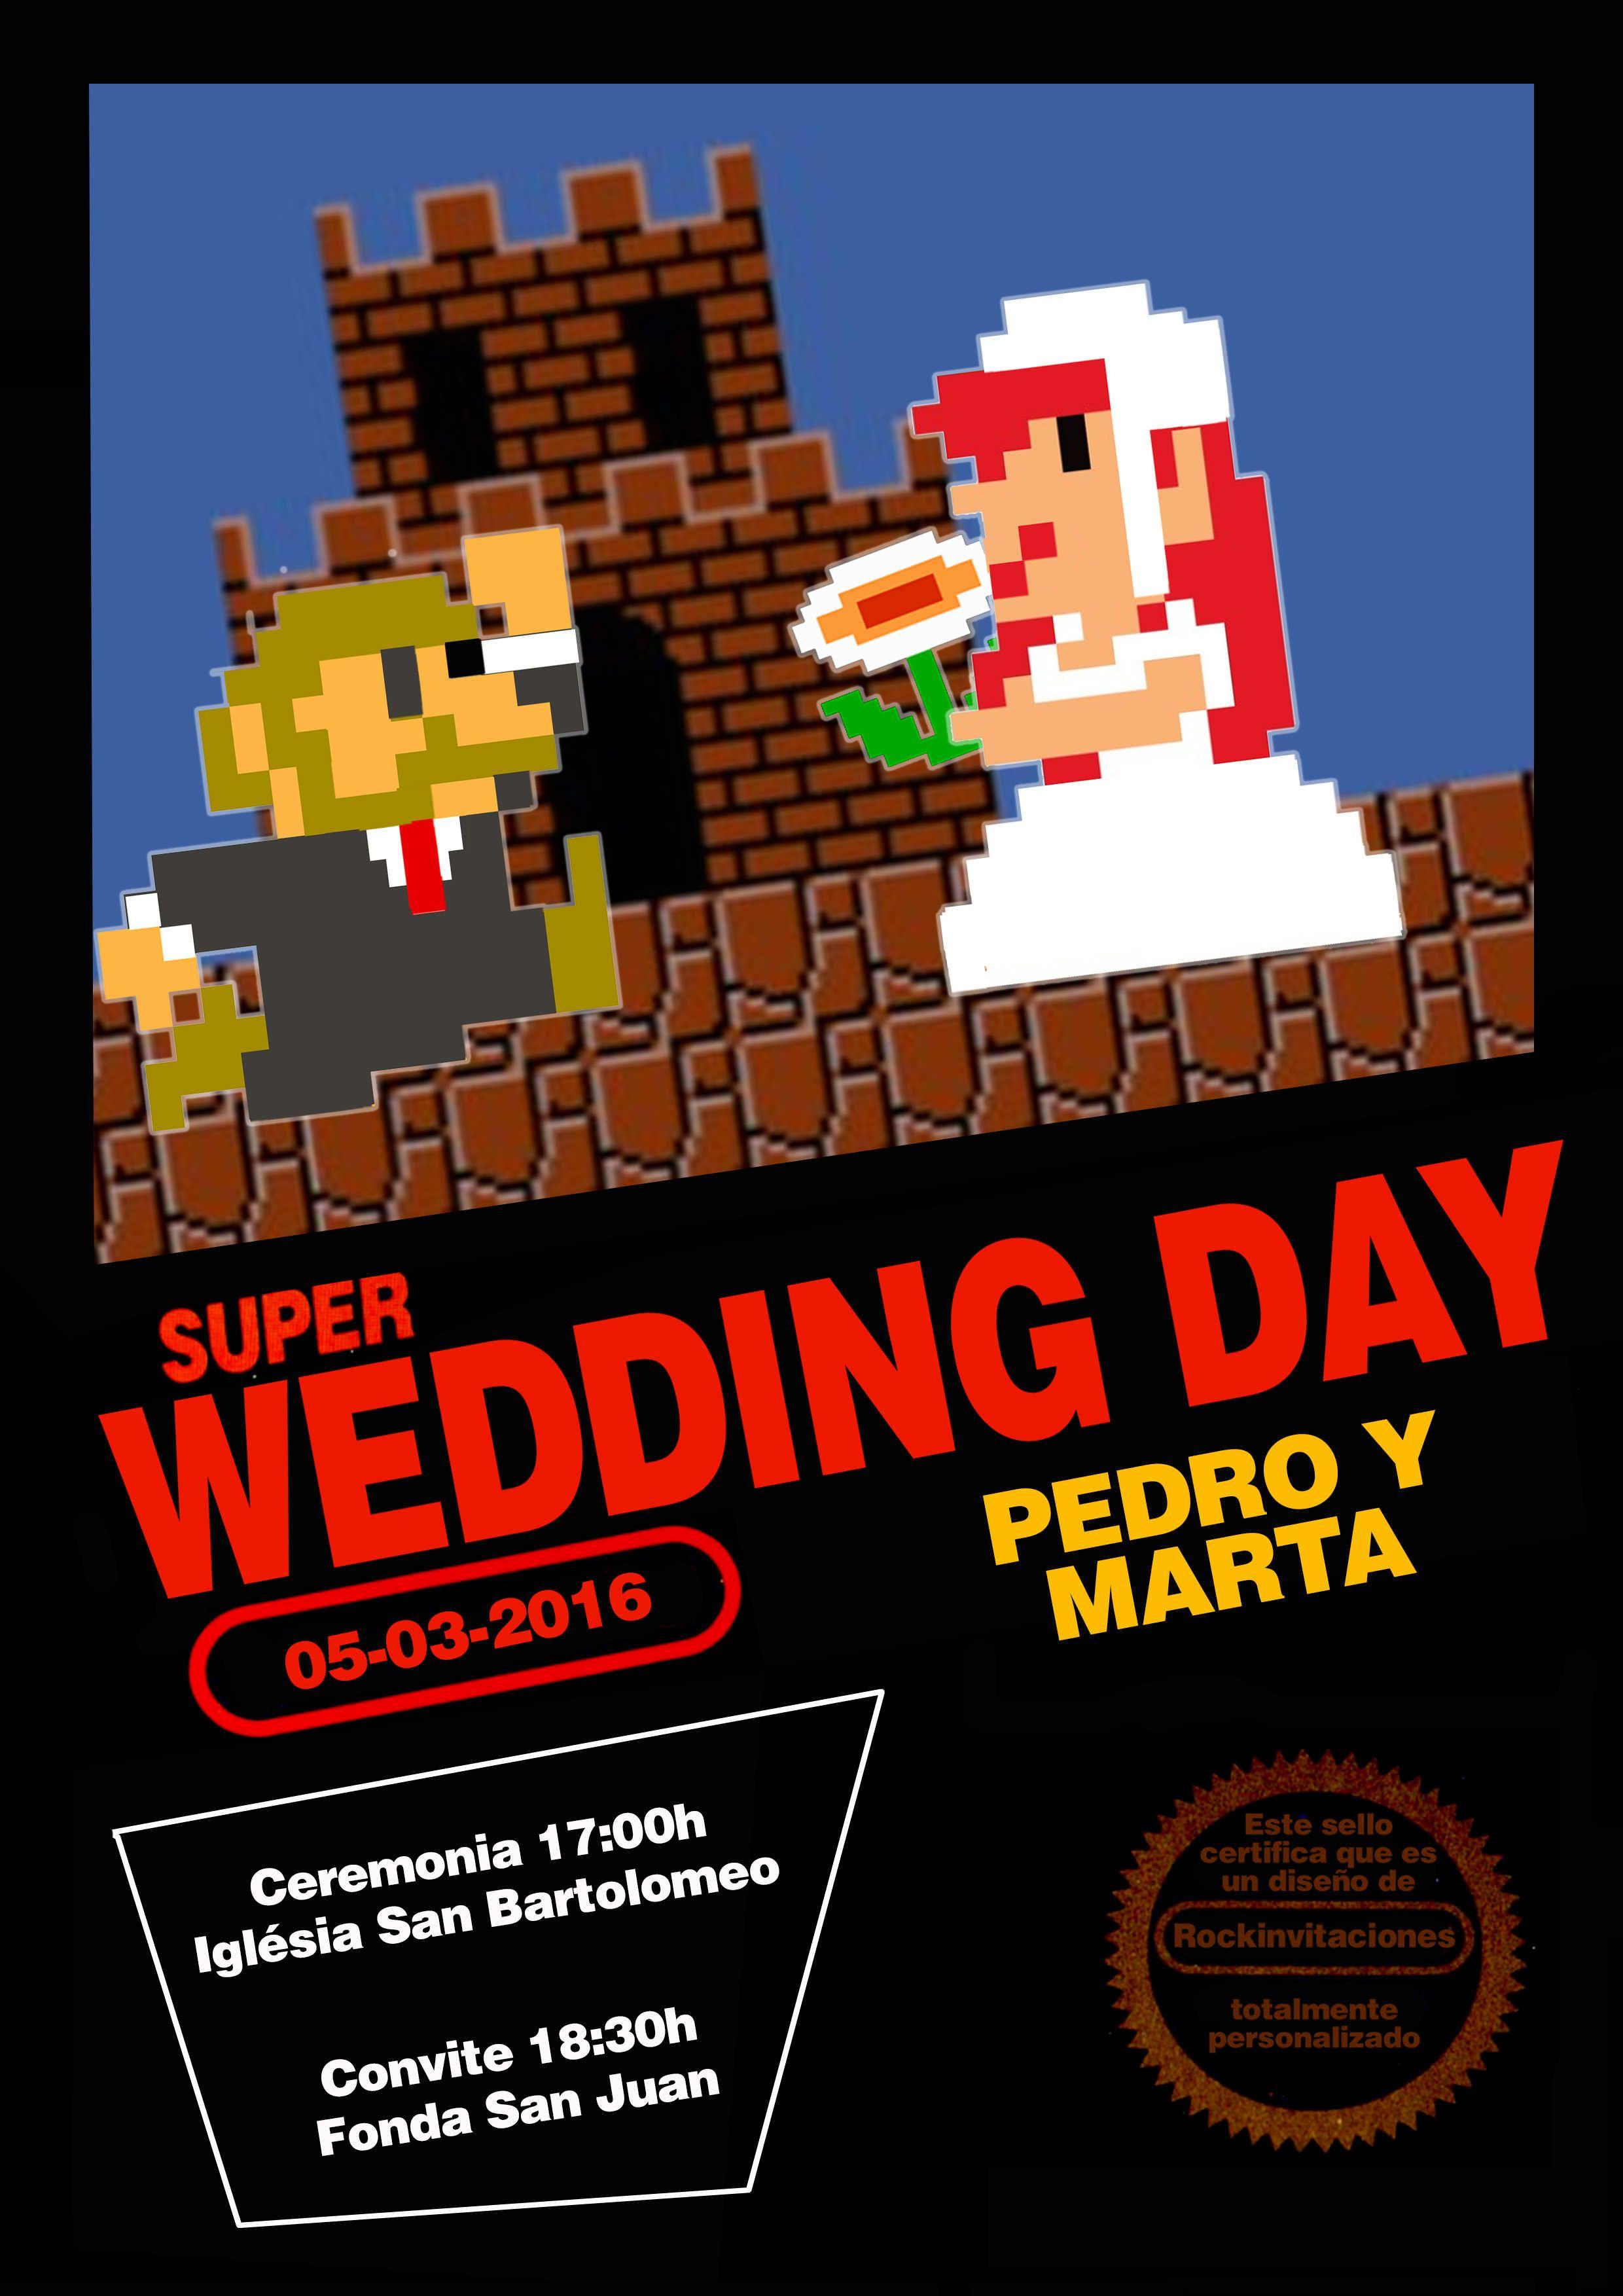 La boda más Geek comienza con estas invitaciones de videojuegos ...